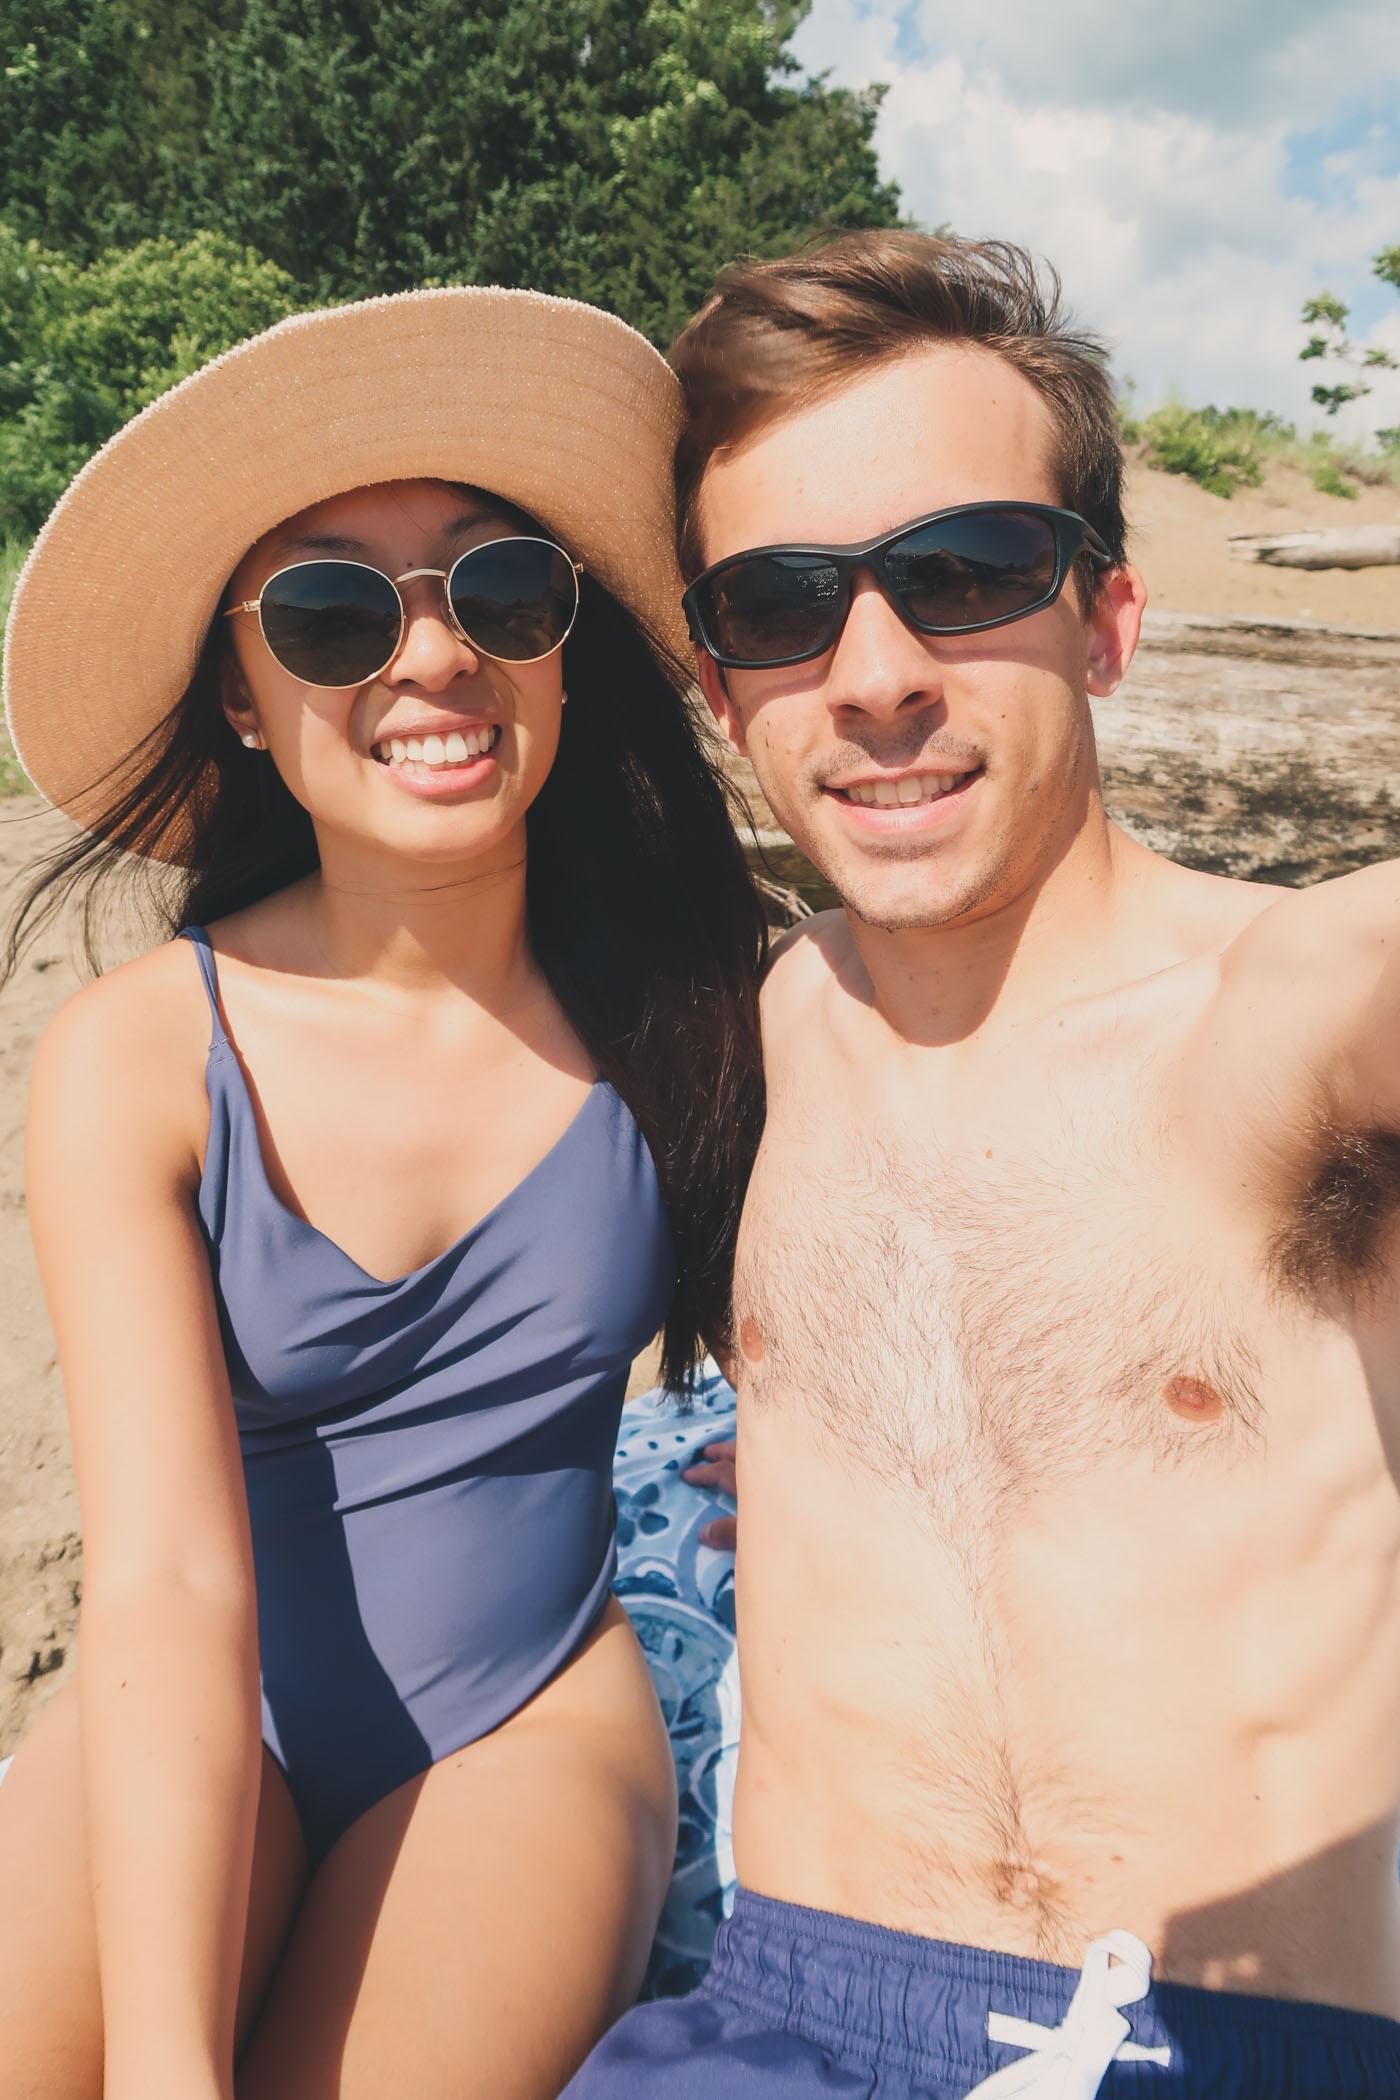 Kim and Dan at the beach